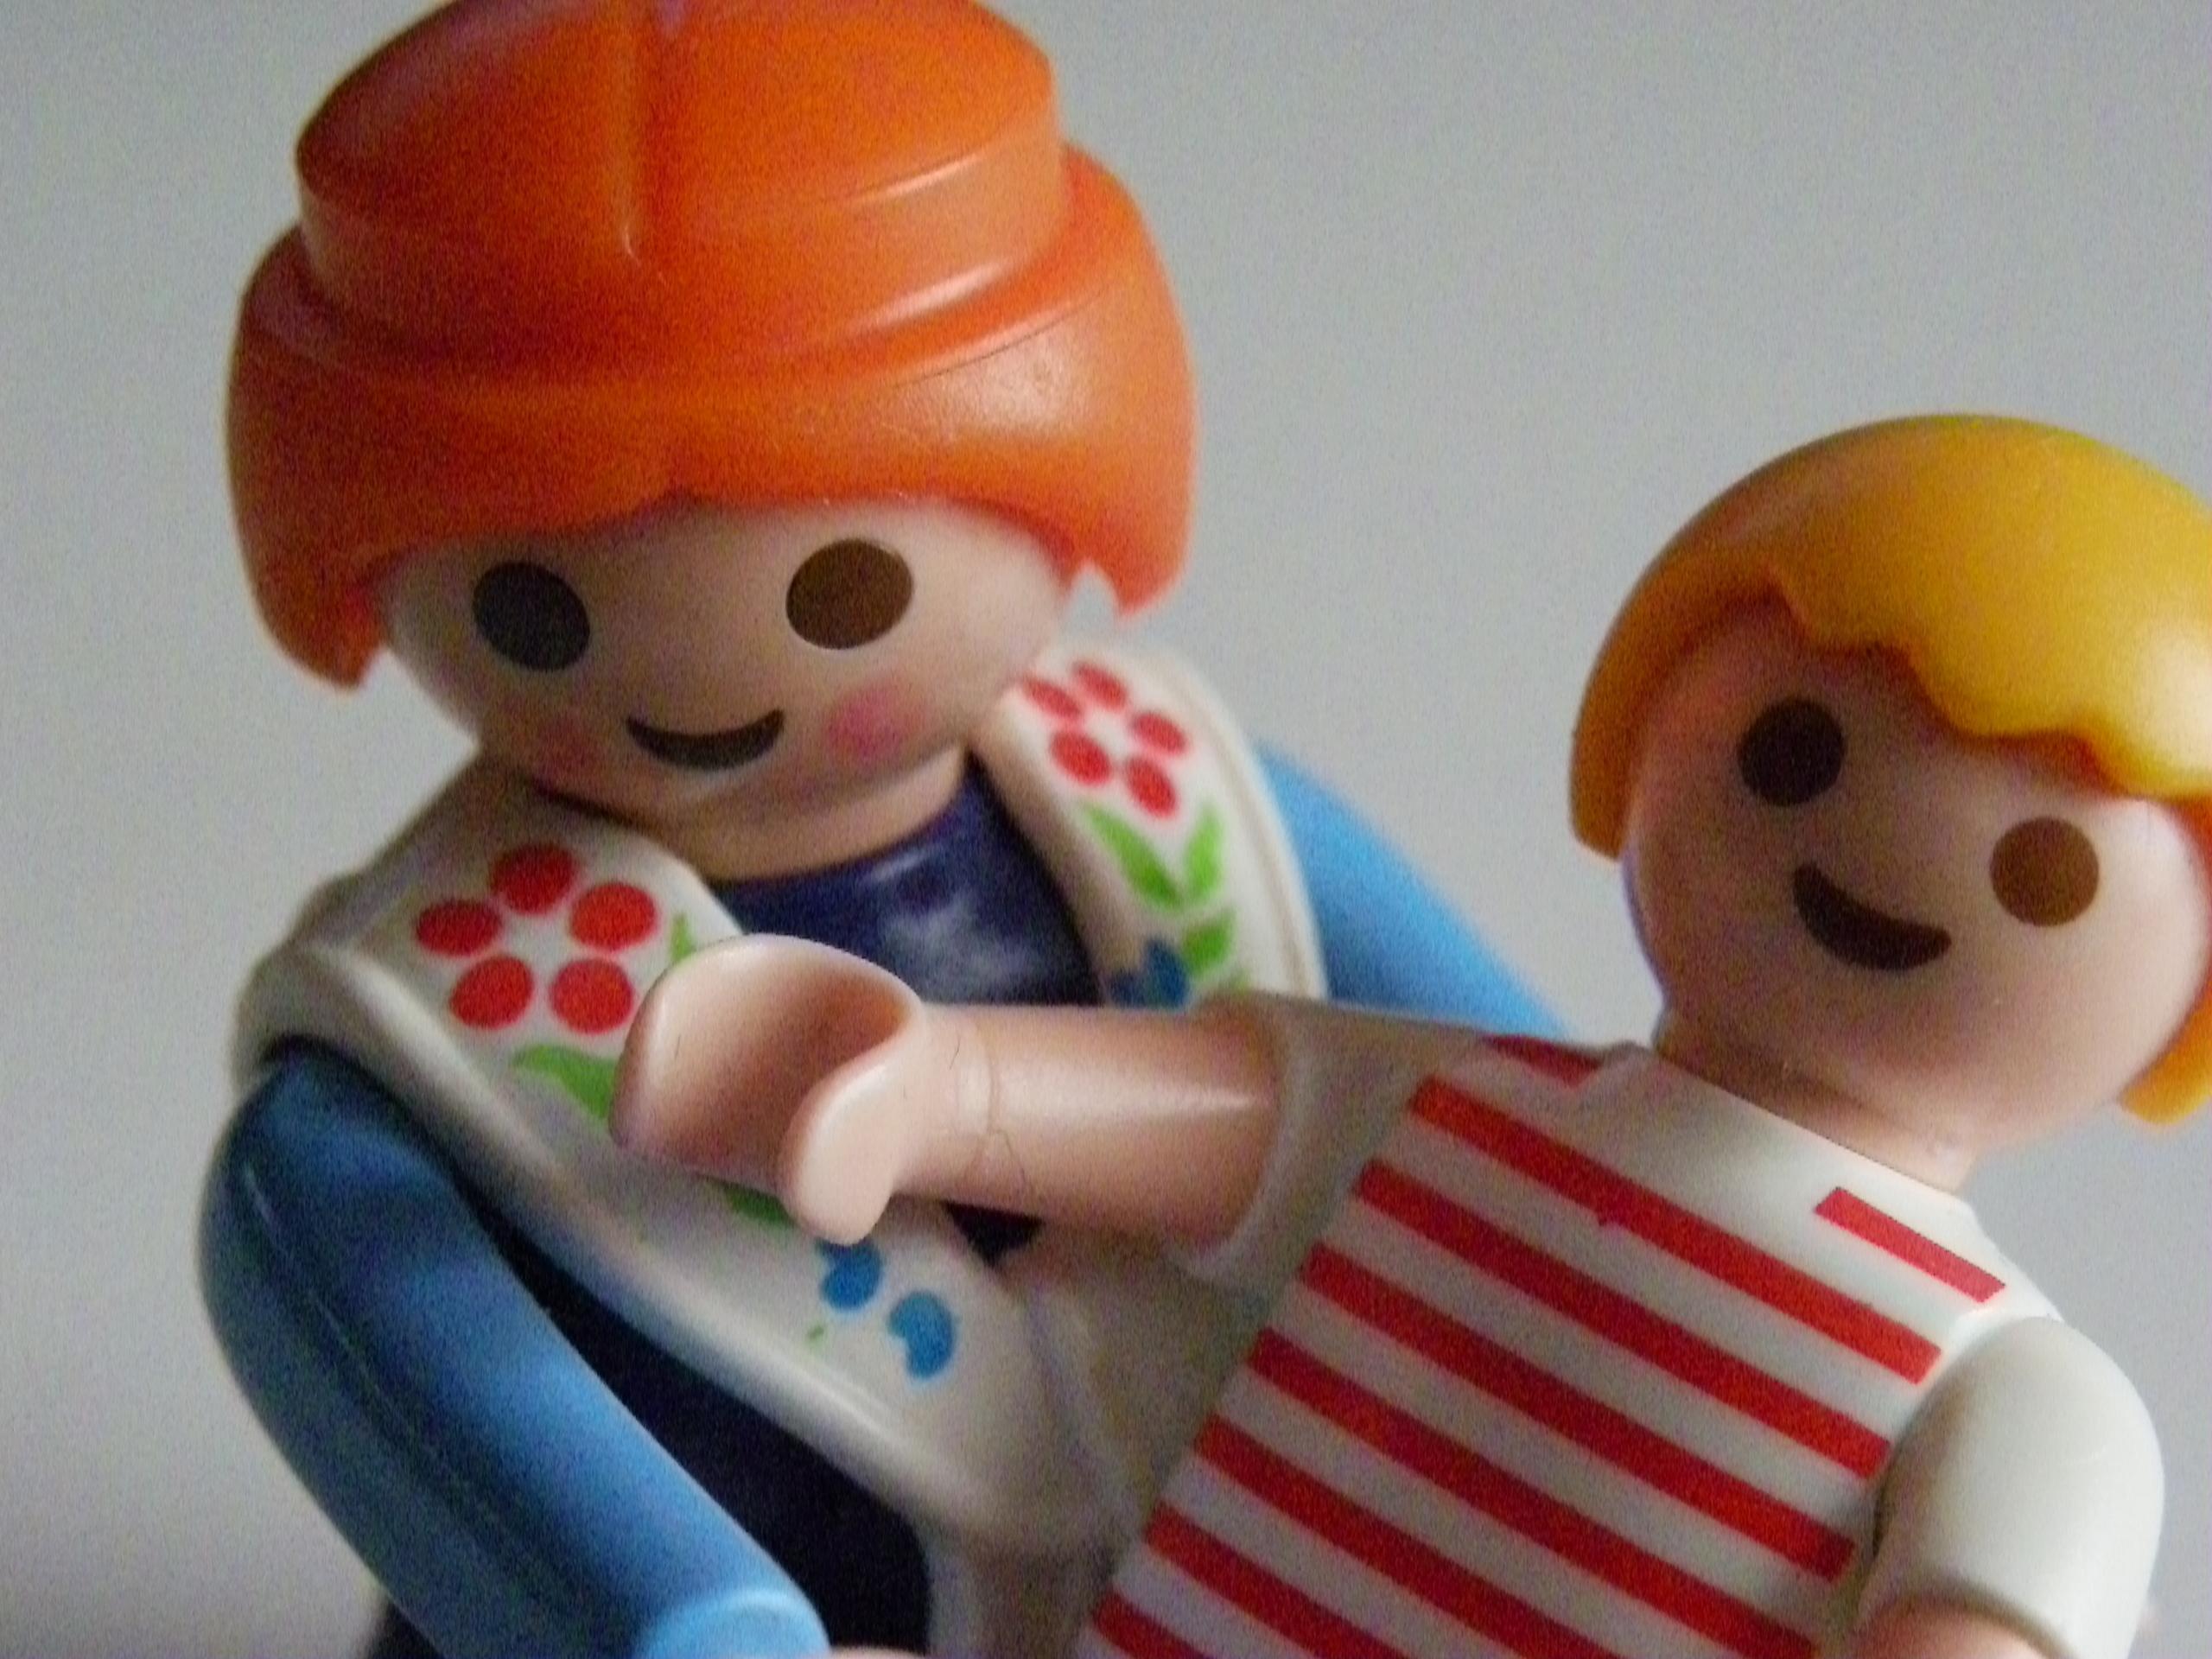 Playmobil <3